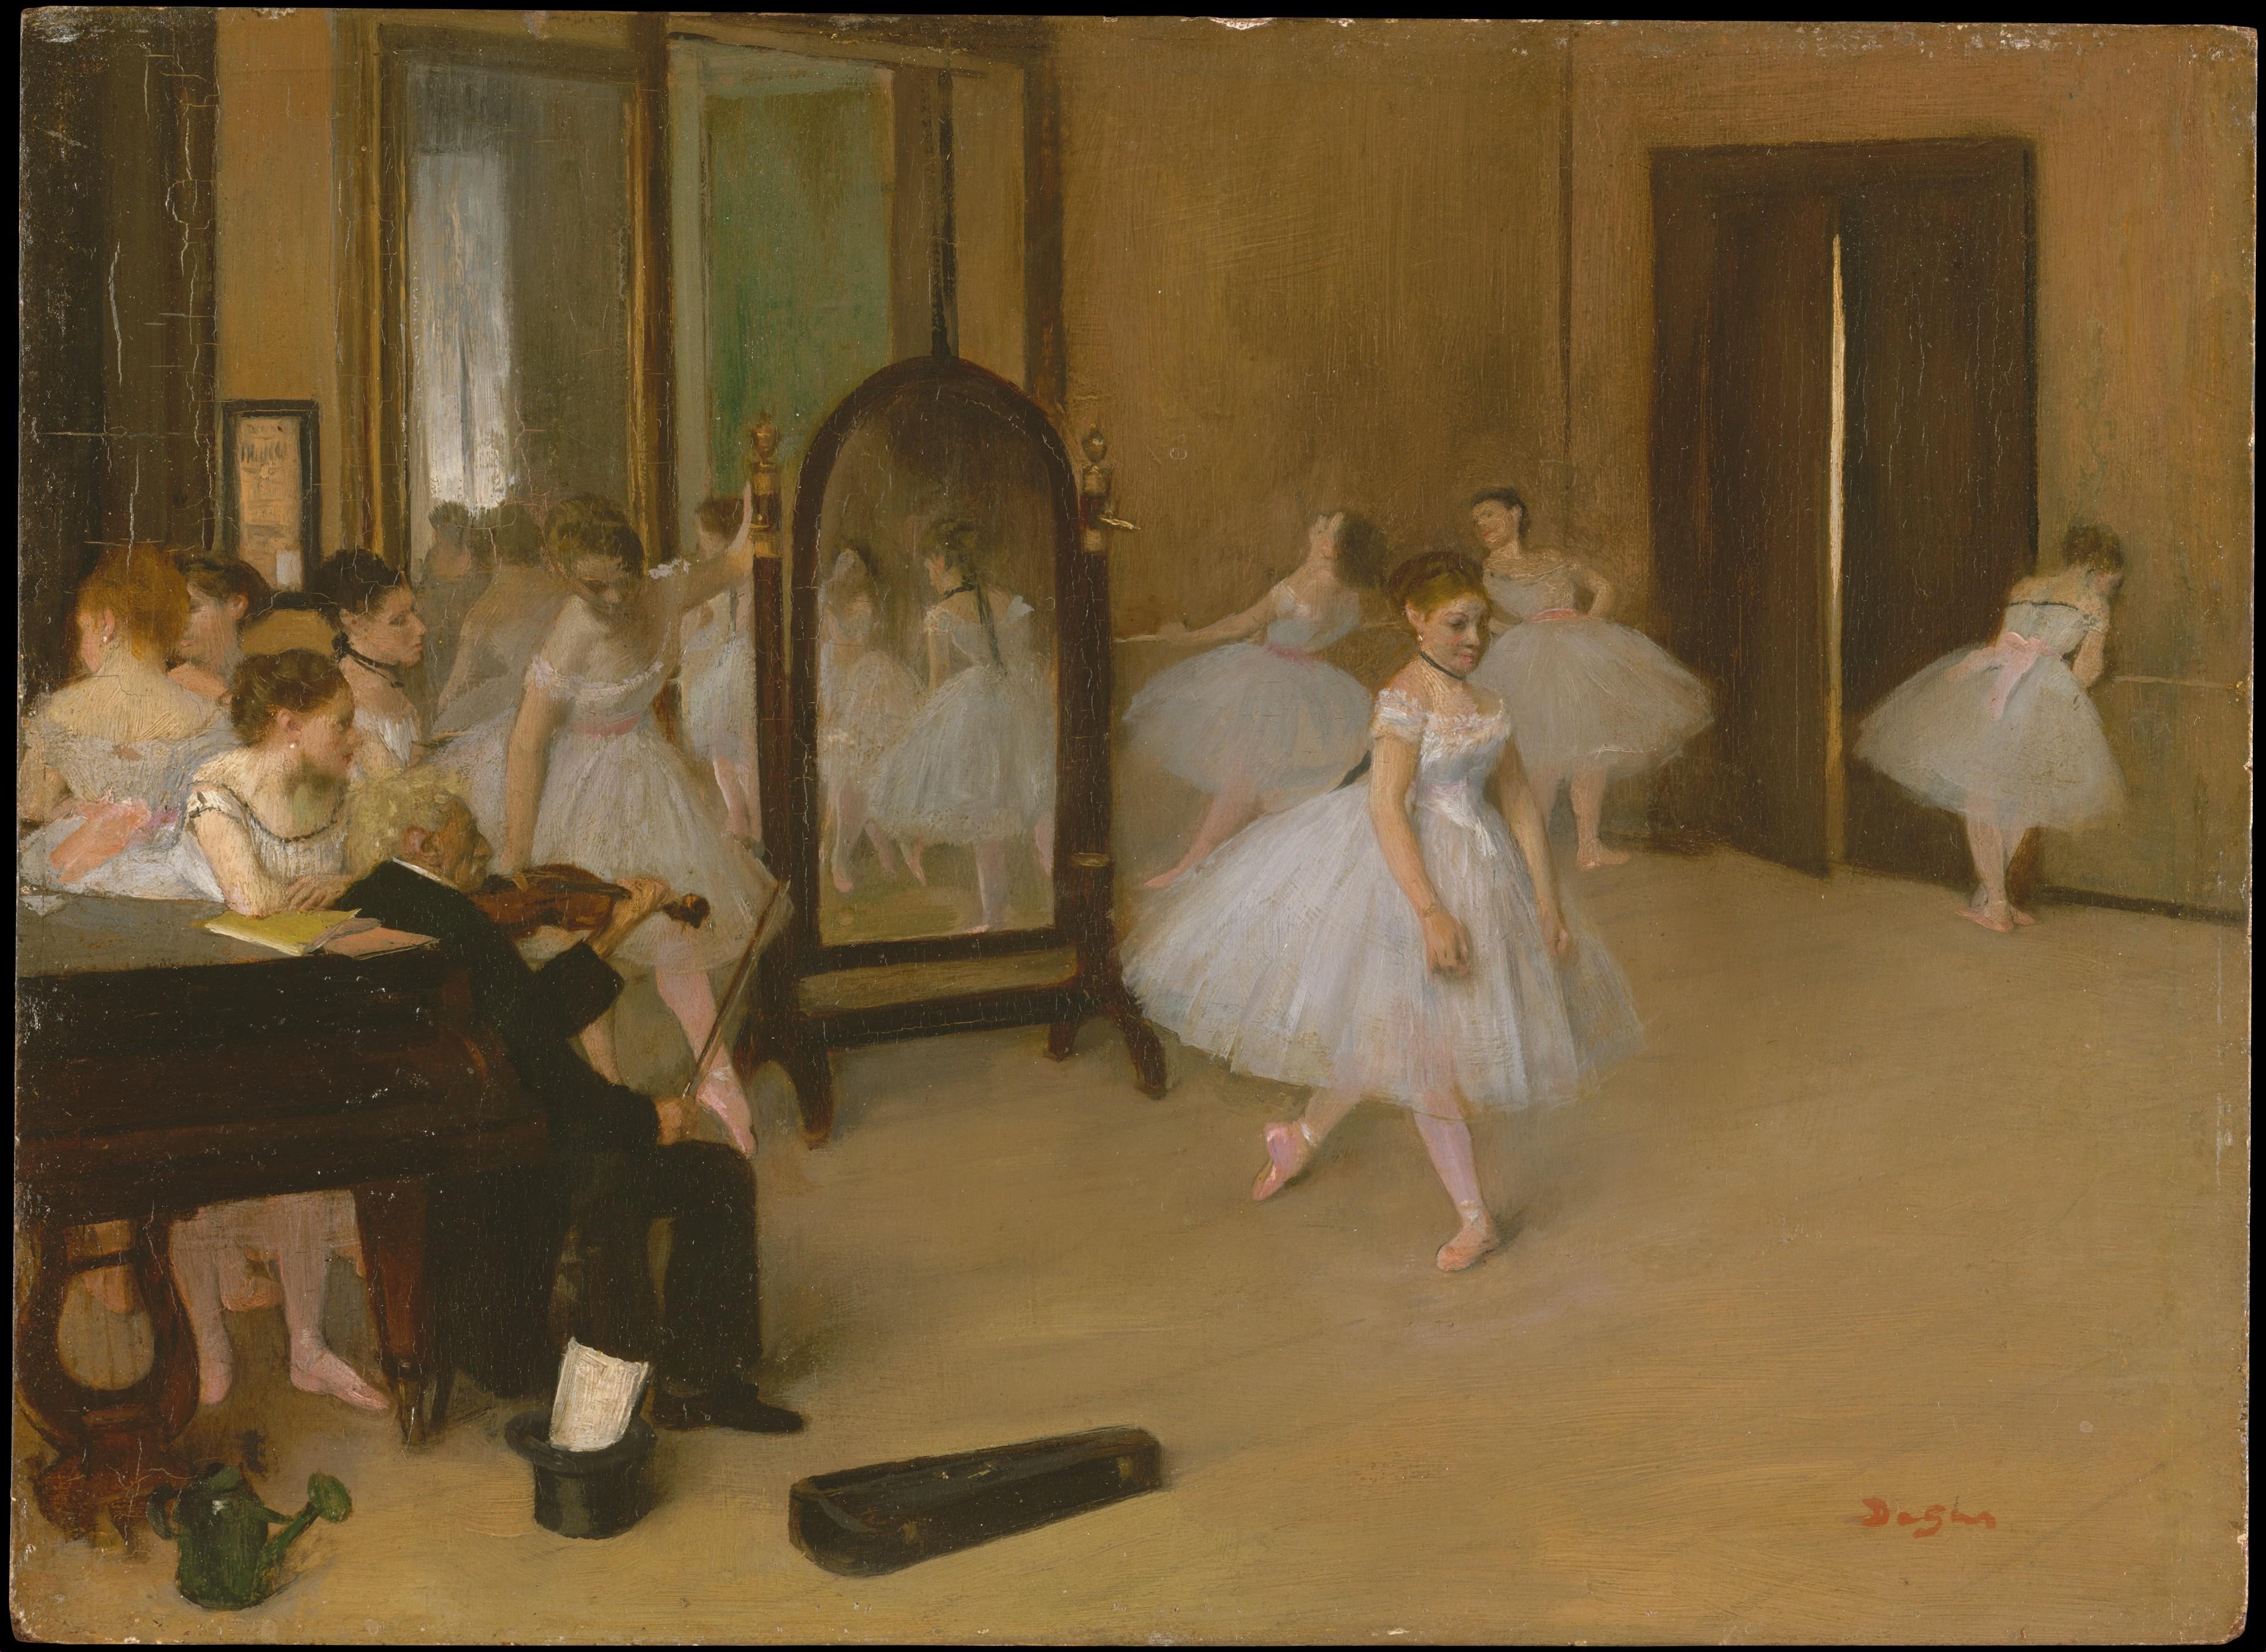 [صورة مرفقة: Edgar_Degas_-_Chasse_de_danse.jpg]